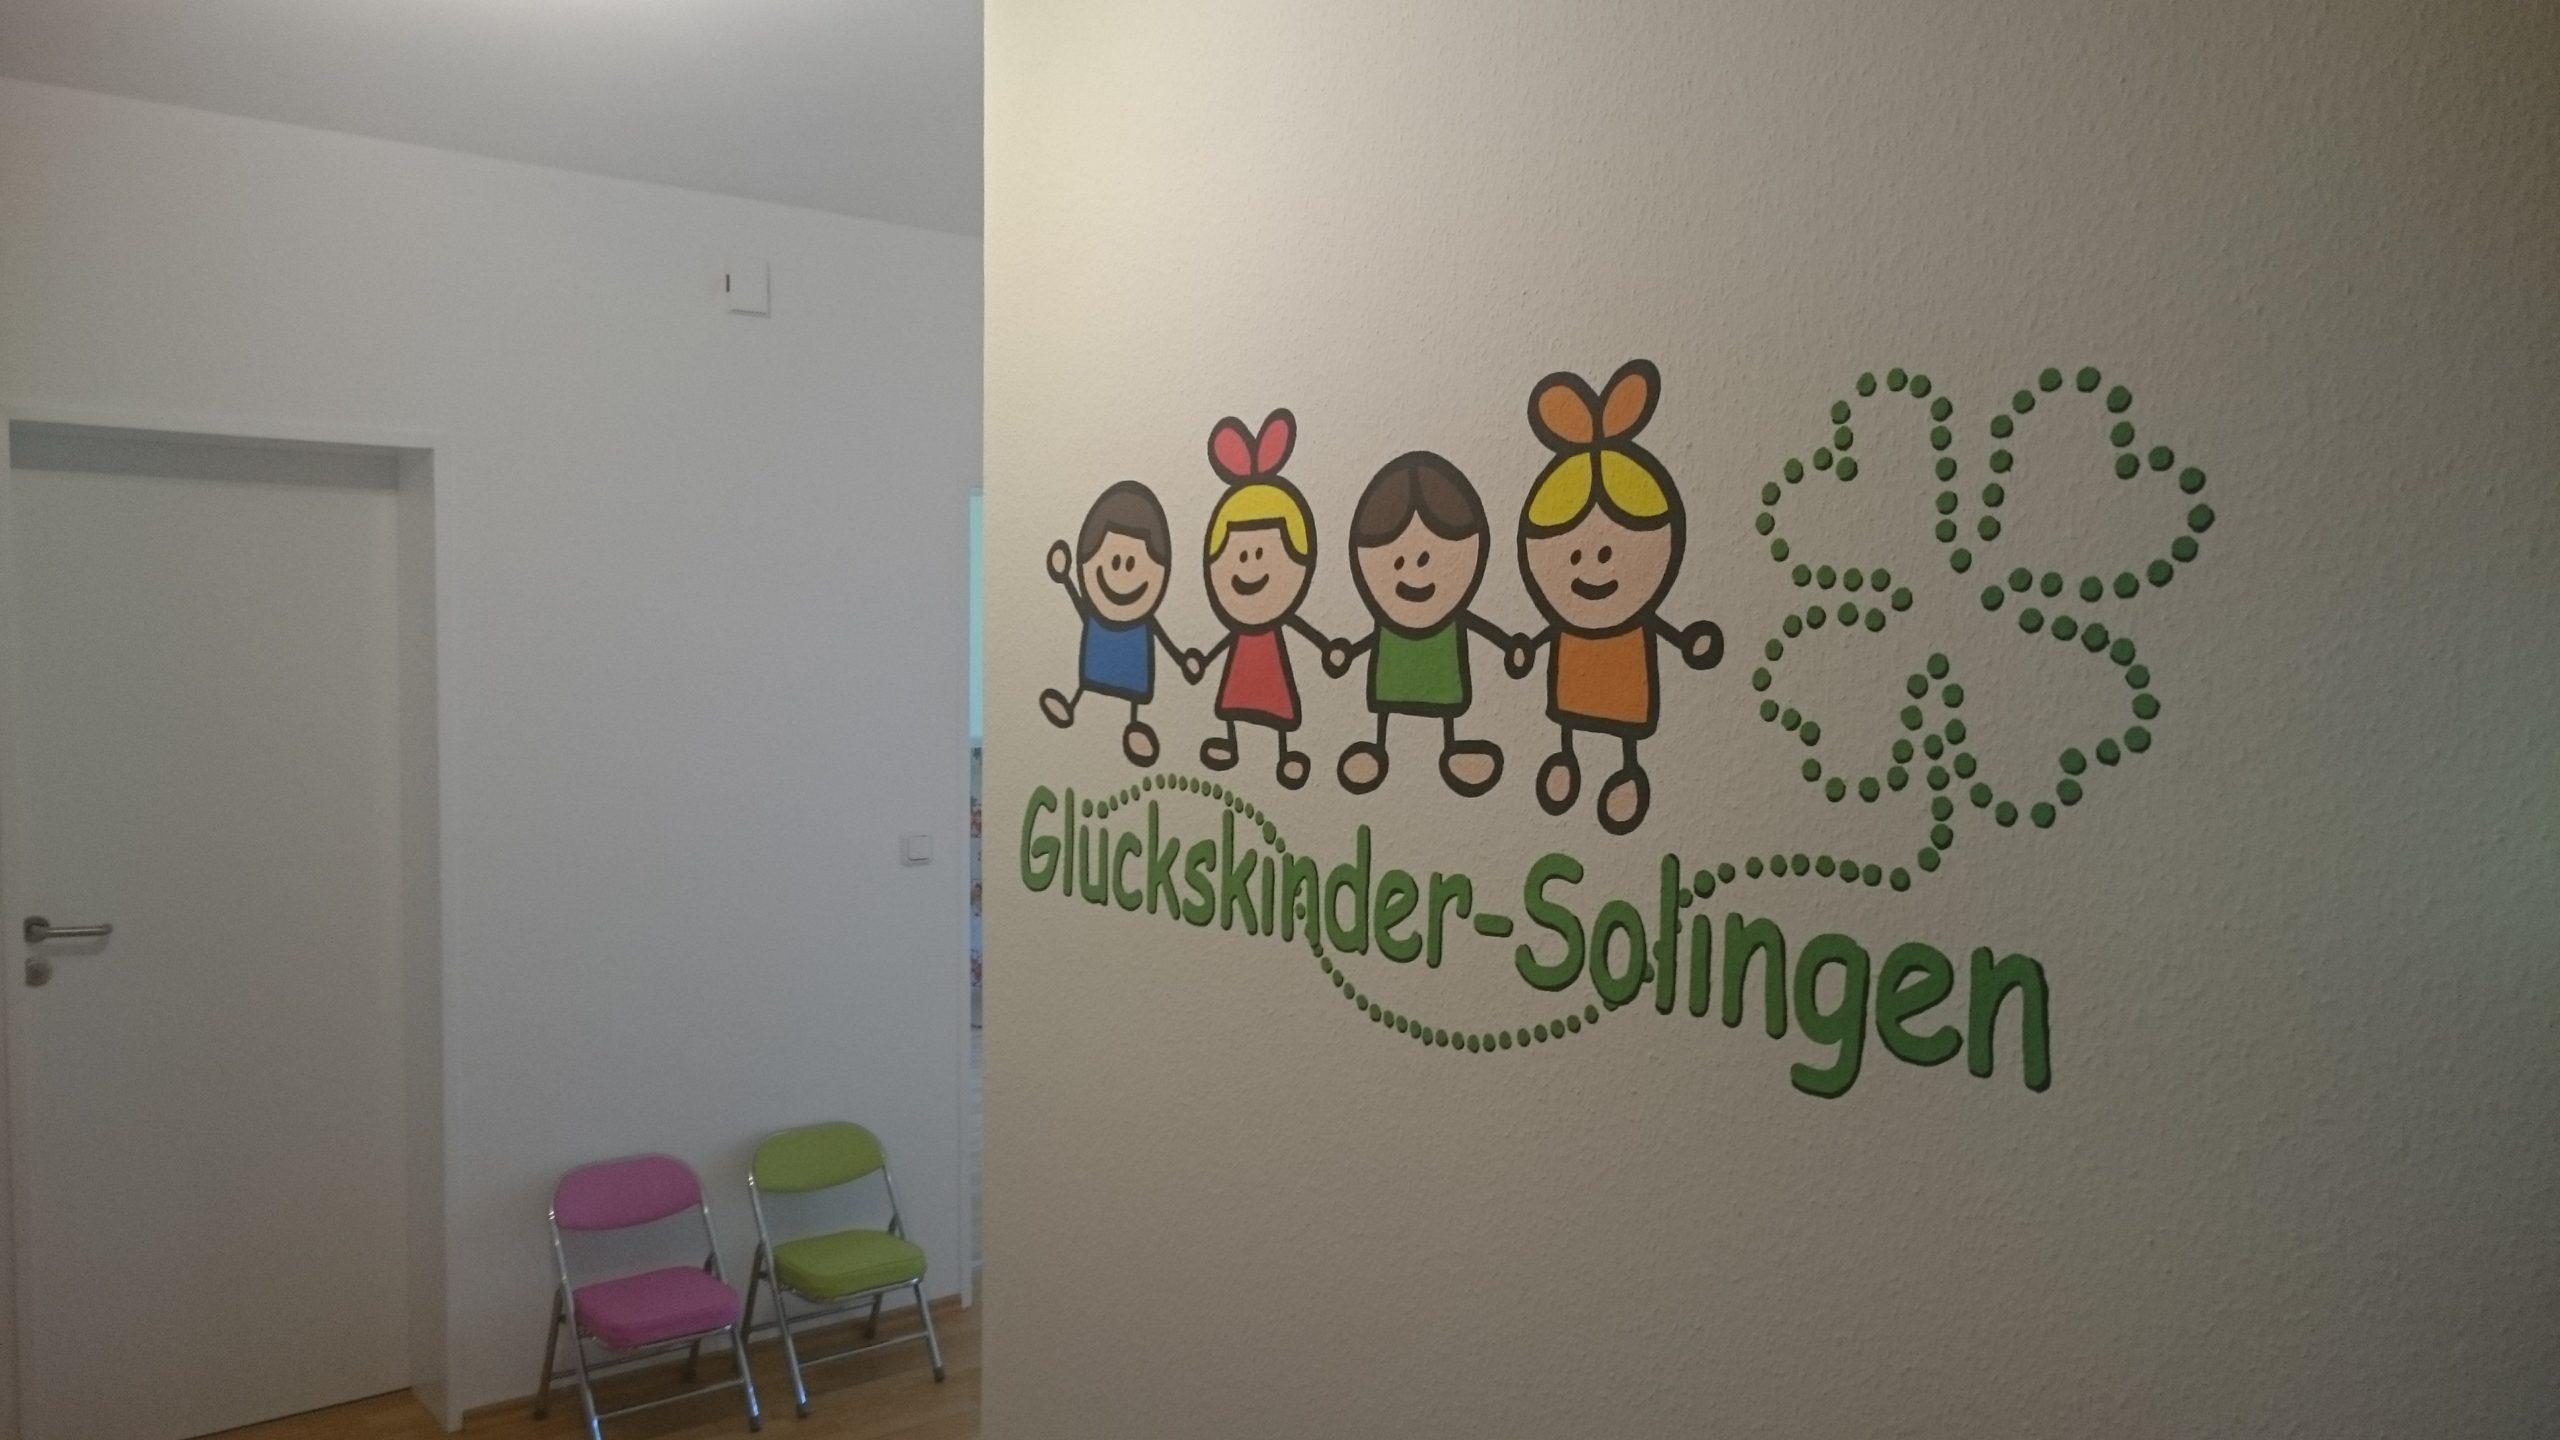 https://glueckskinder-solingen.de/wp-content/plugins/responsive-portfolio/images/rpg-default-new.jpg